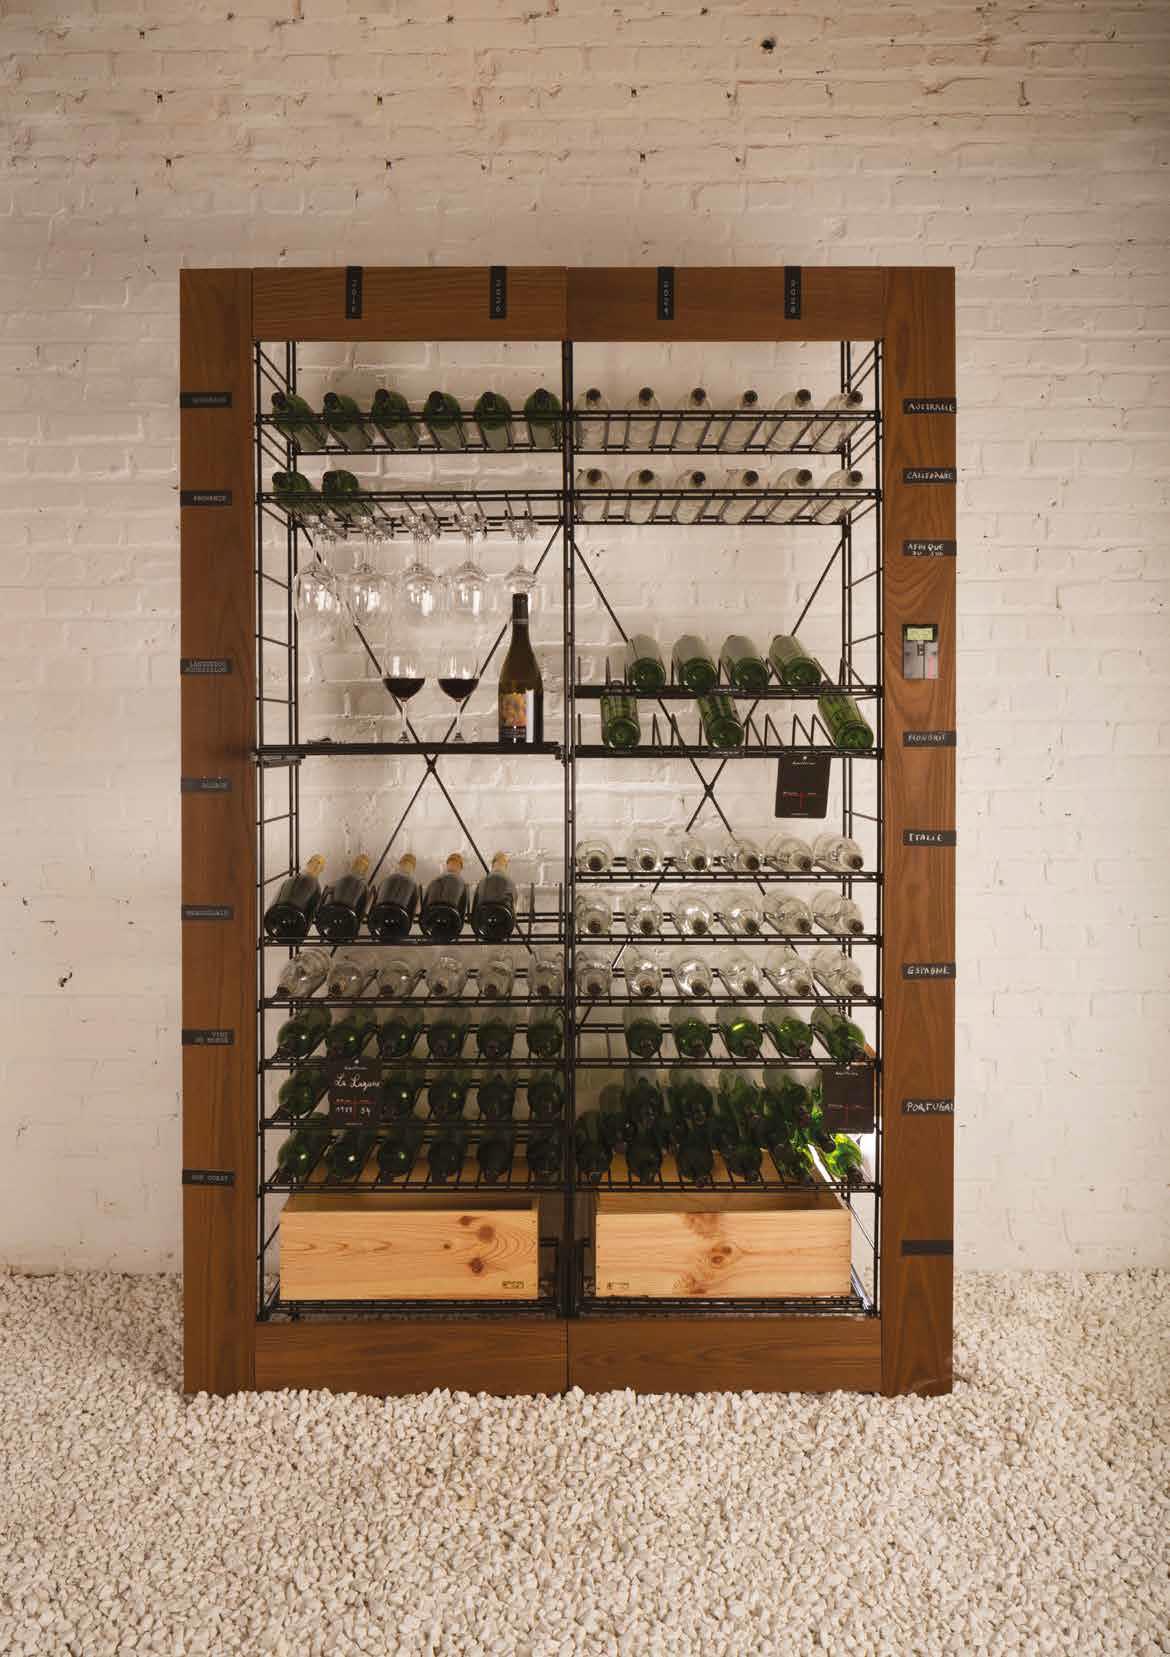 Casiers bouteilles casier vin rangement du vin am nagement cave casier bois cave vin - Meuble a casier ...